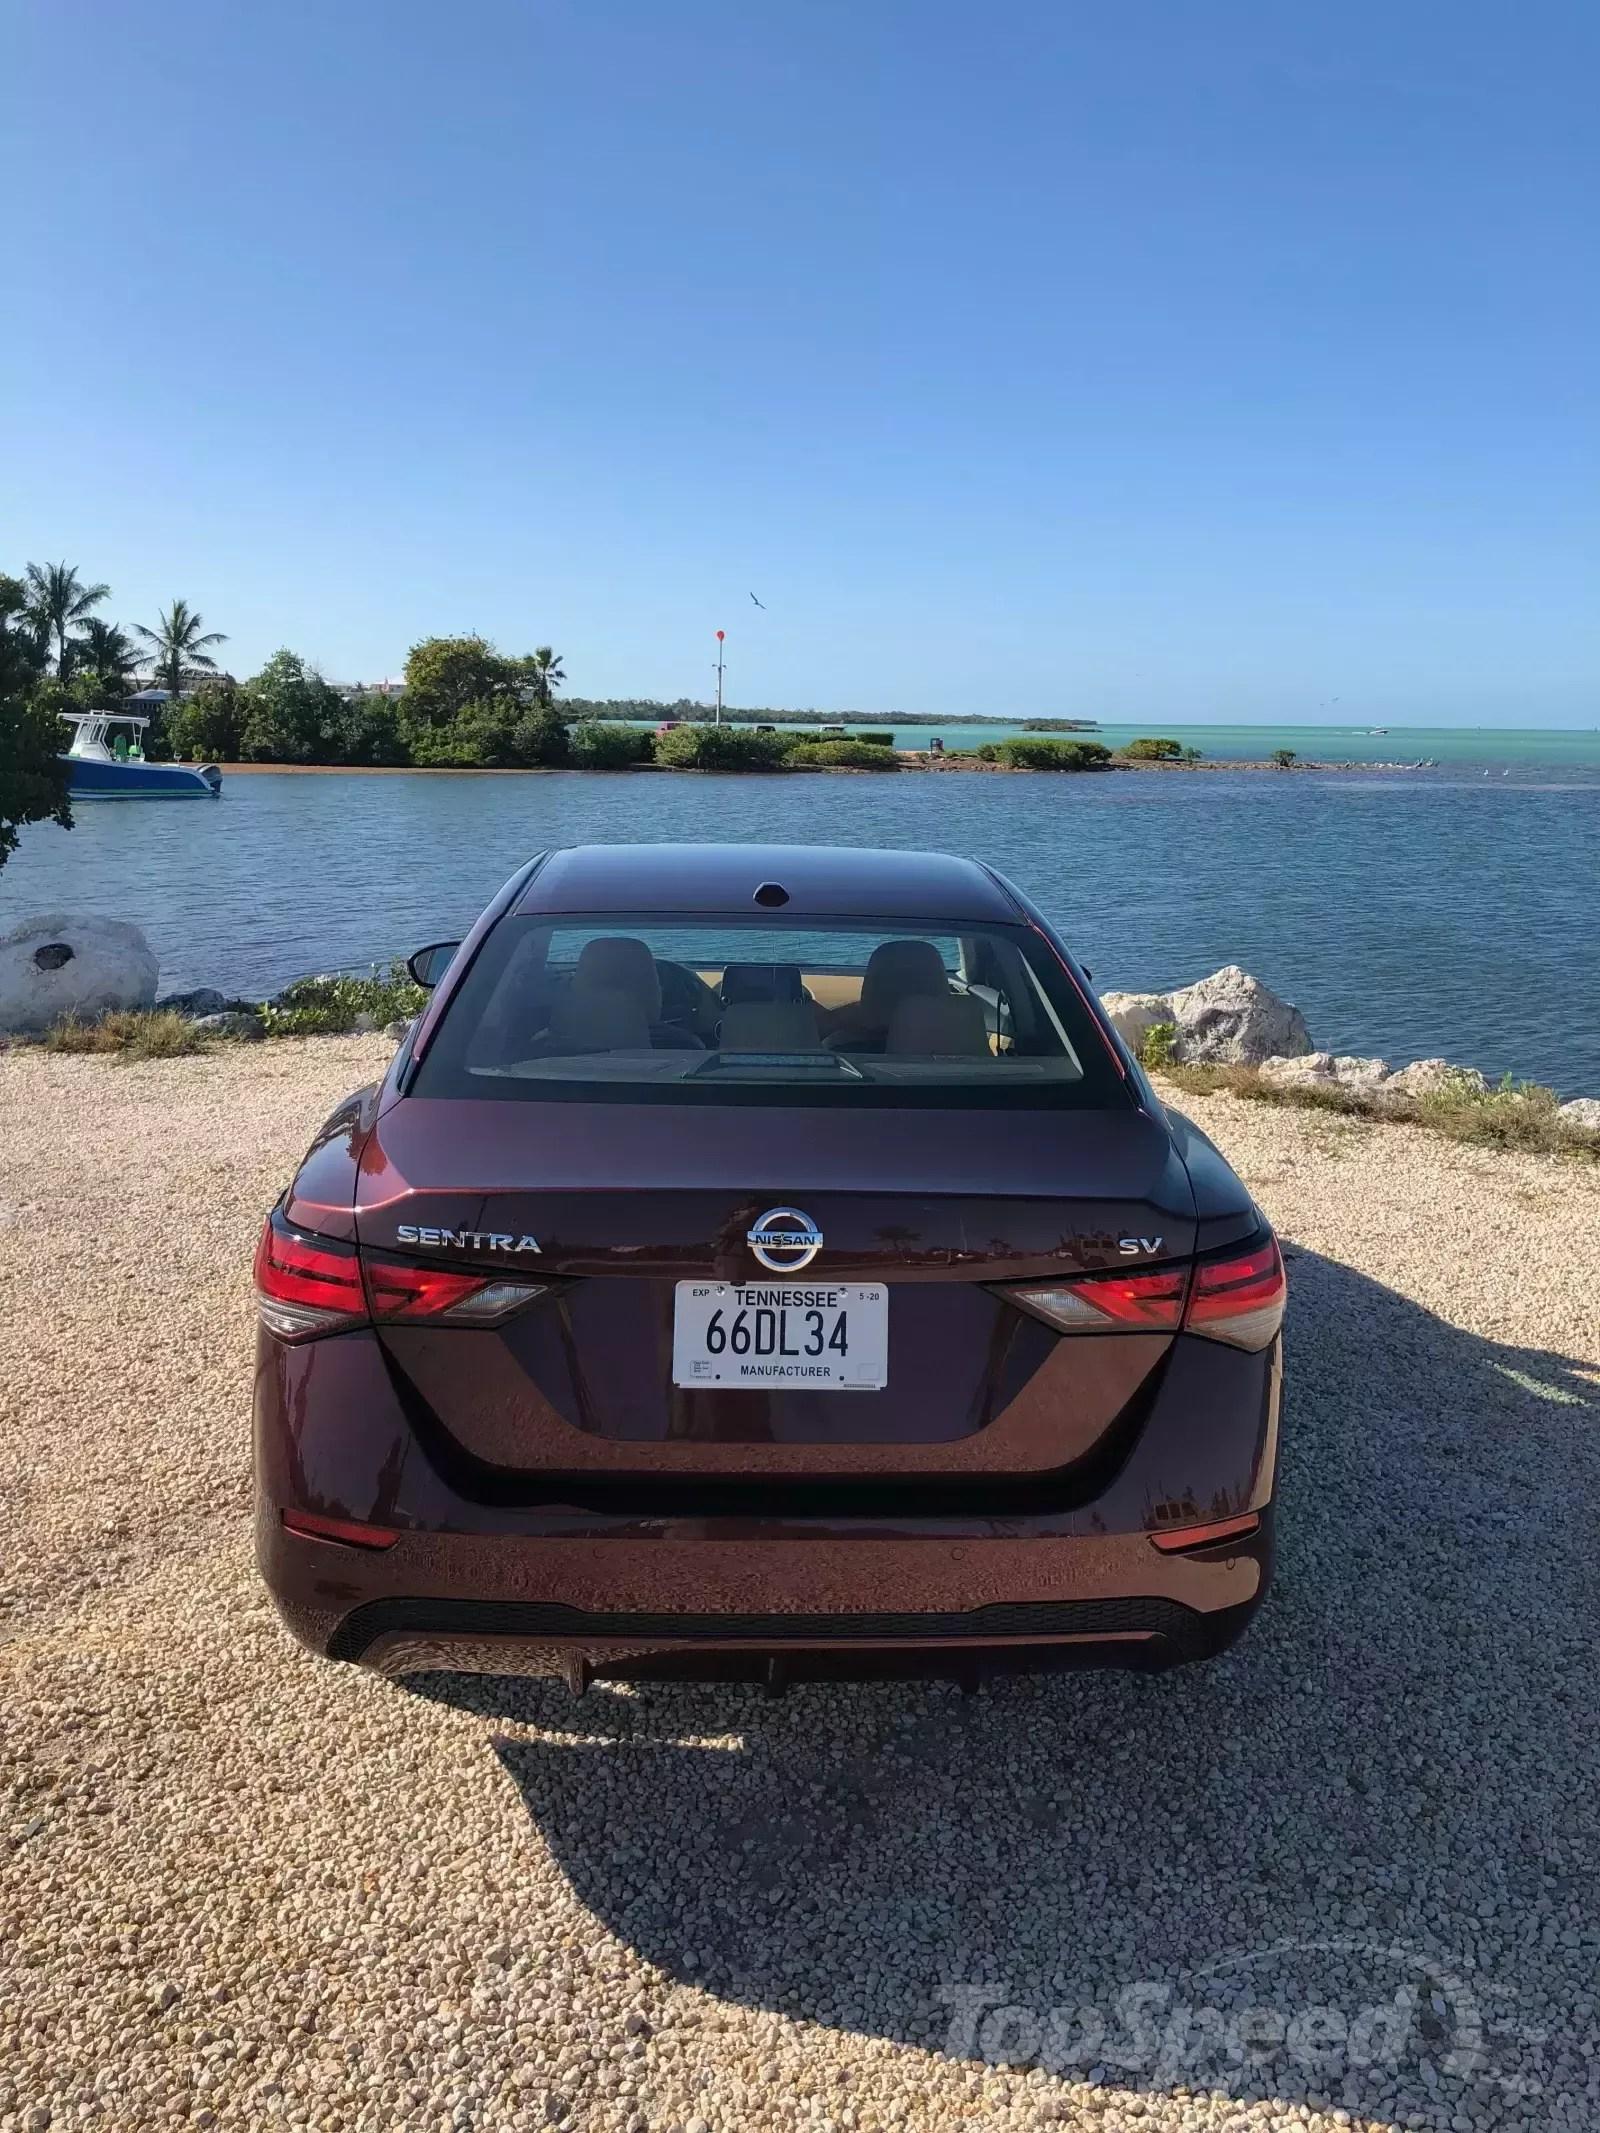 Nissan Sentra 0 60 : nissan, sentra, Nissan, Sentra, Driving, Impressions, Forward